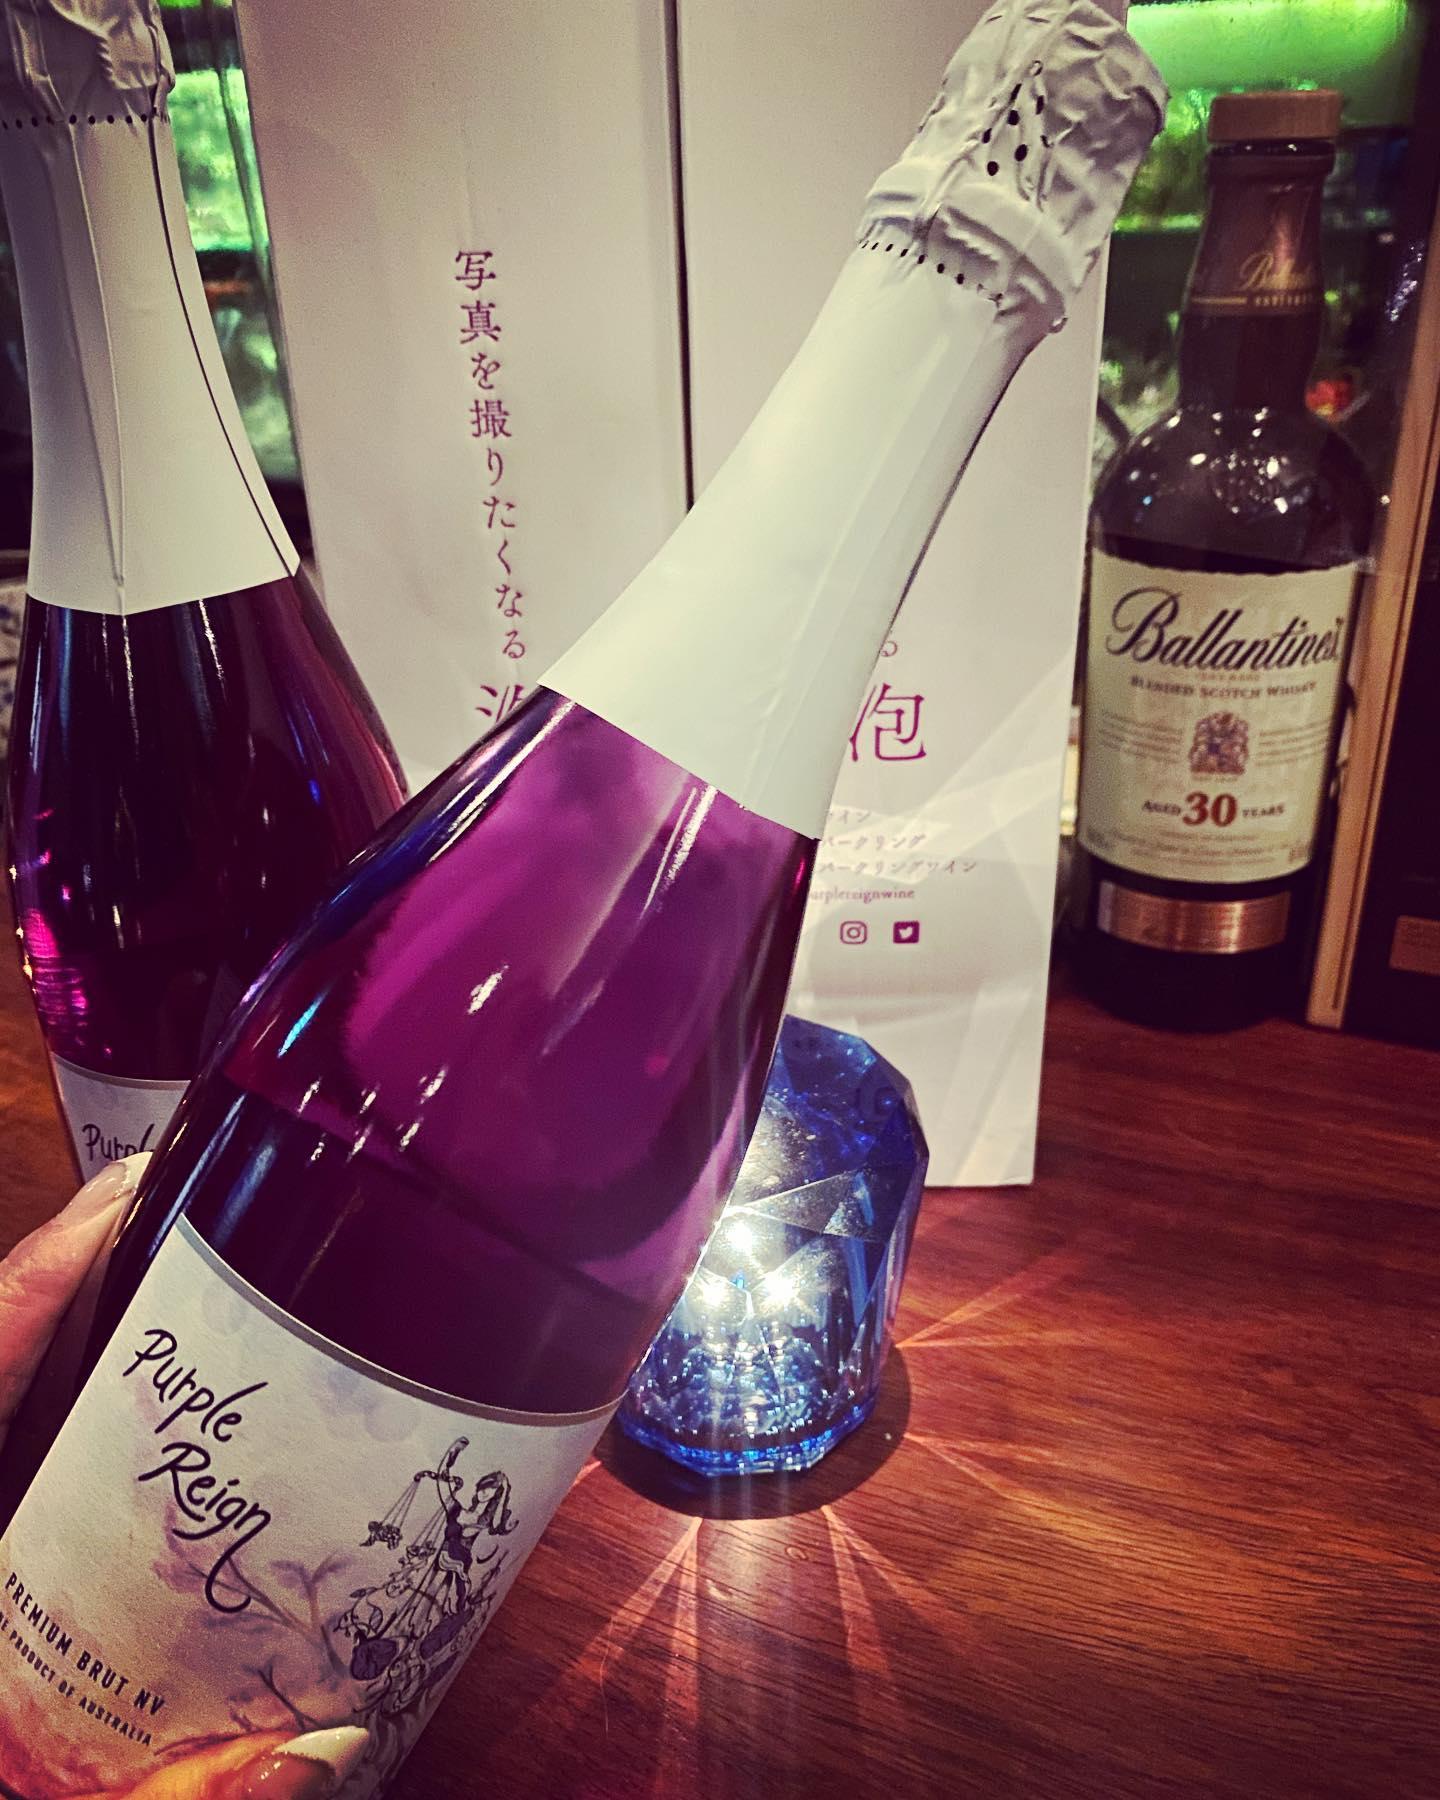 紫スパークリングワイン紫色のワインのPu... - 金沢片町るたん